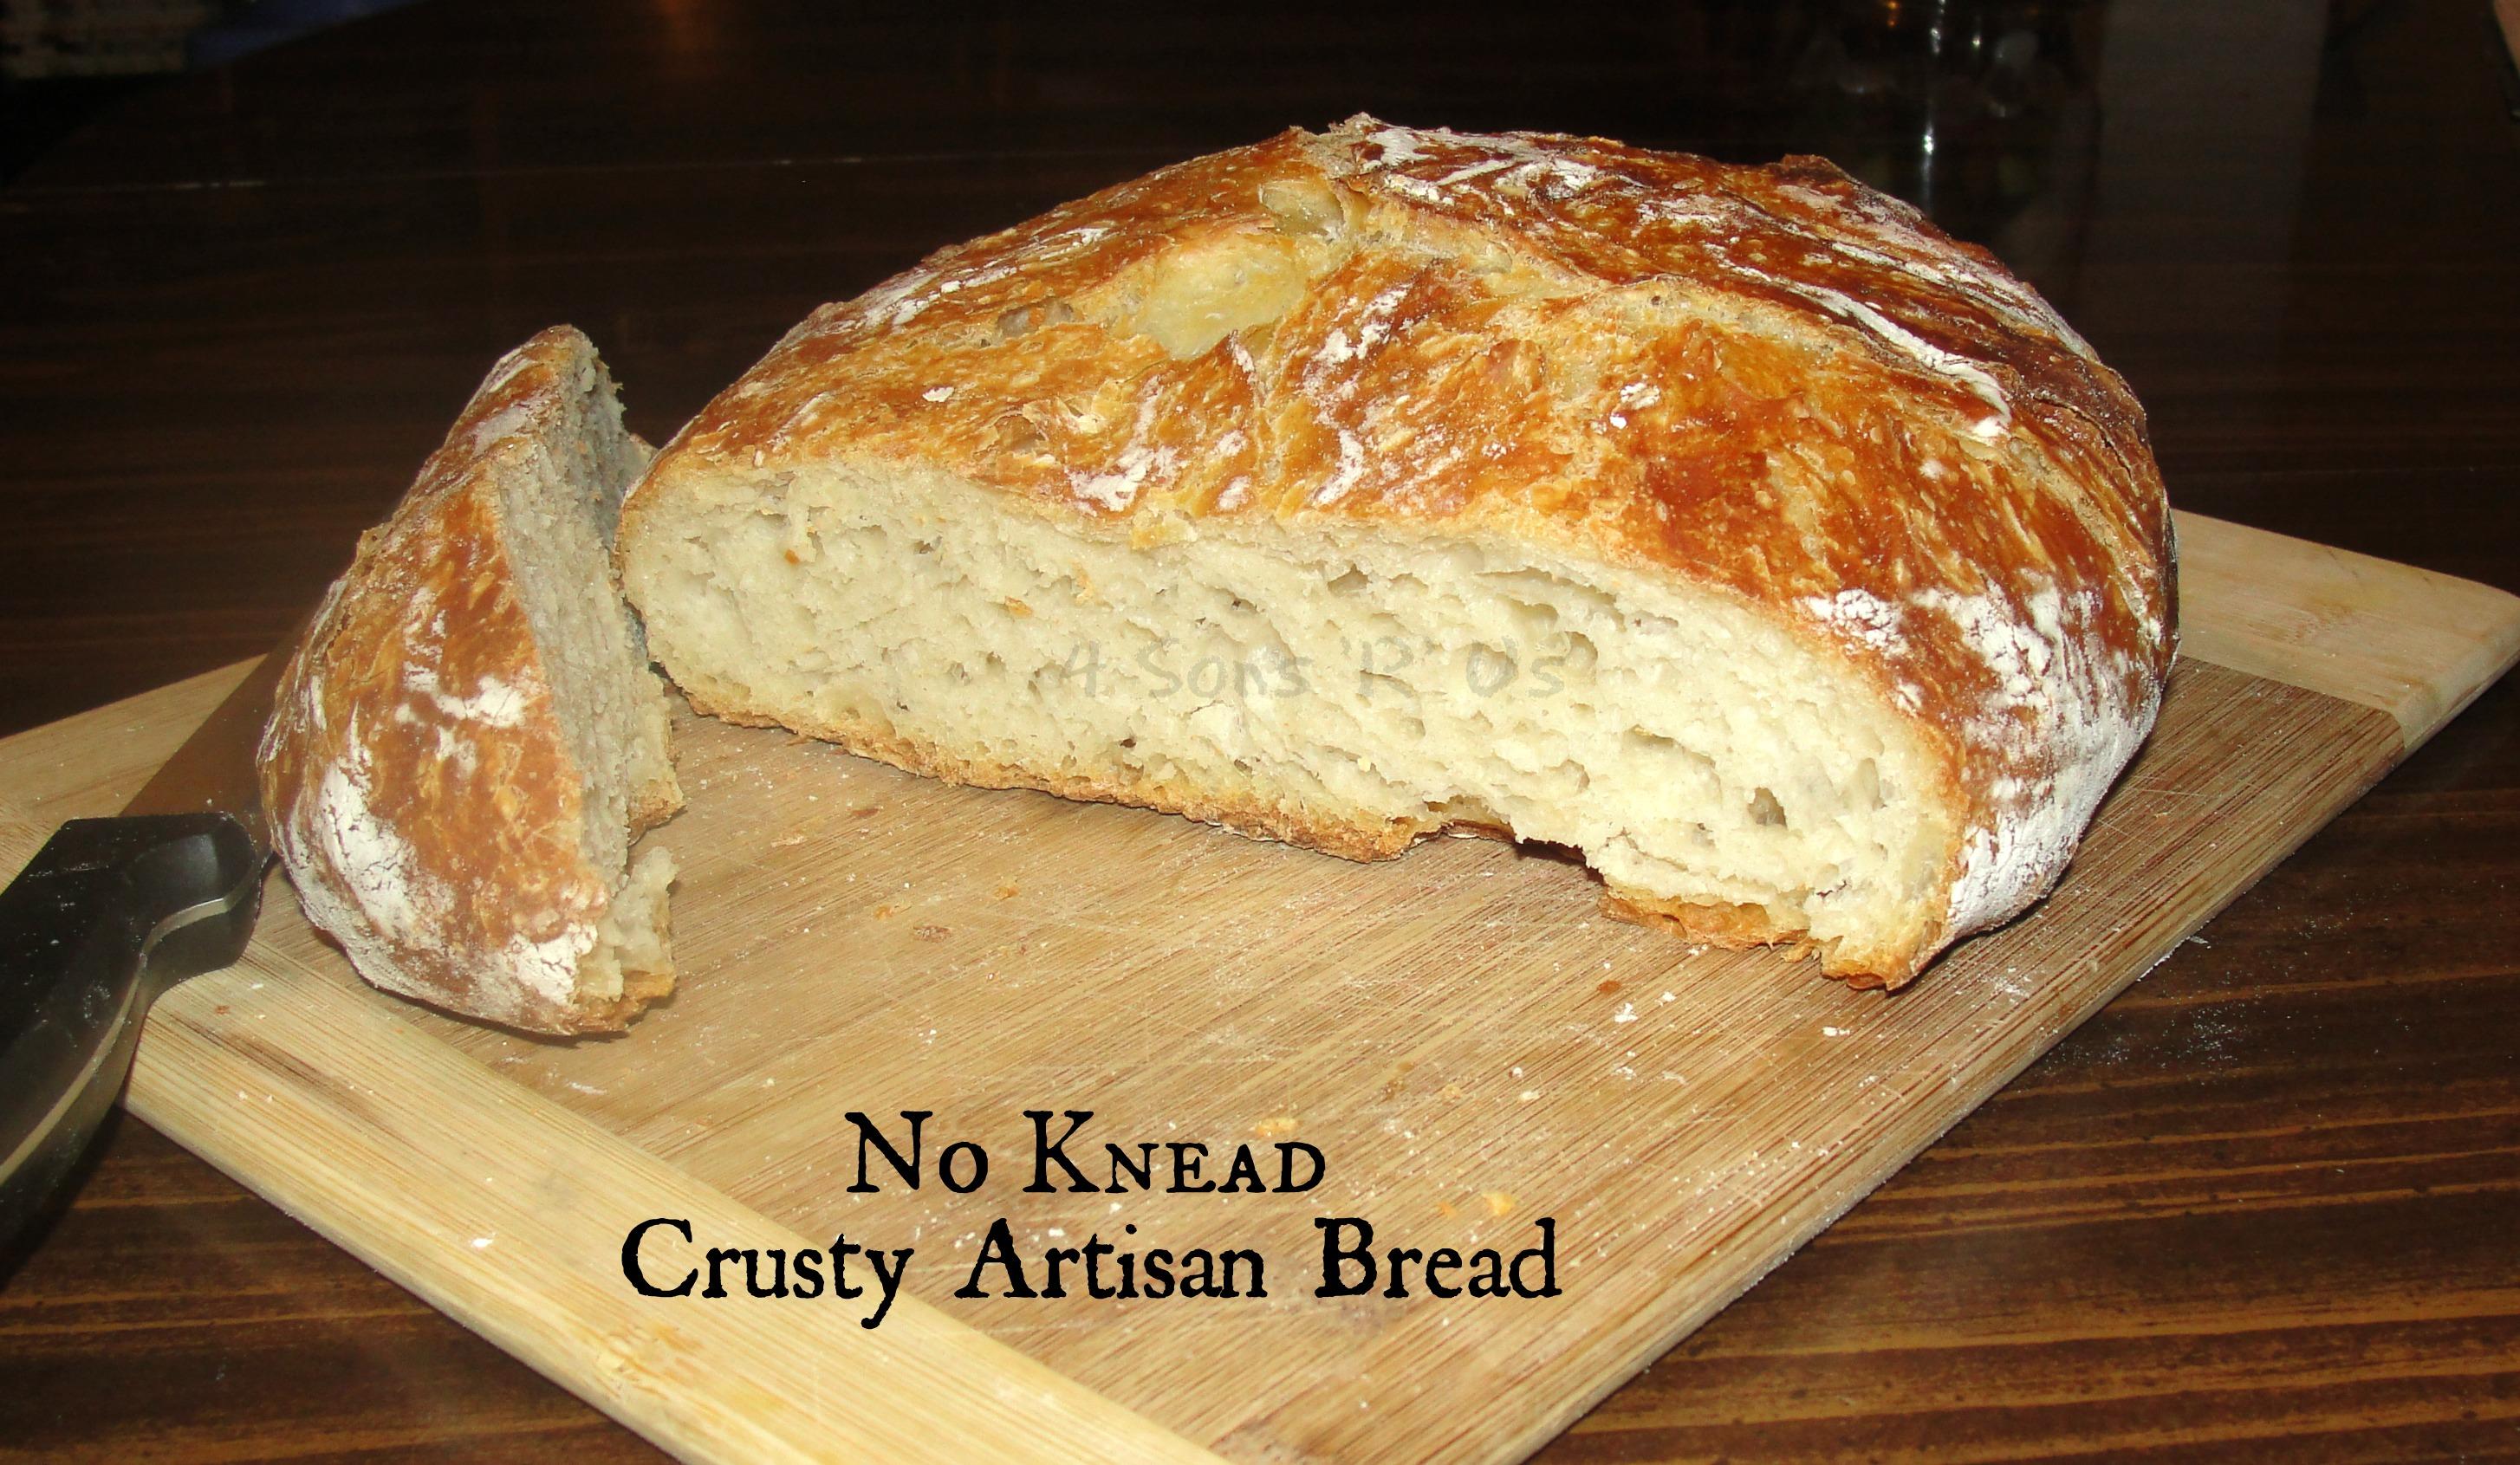 No Knead Crusty Artisan Bread | 4 Sons 'R' Us